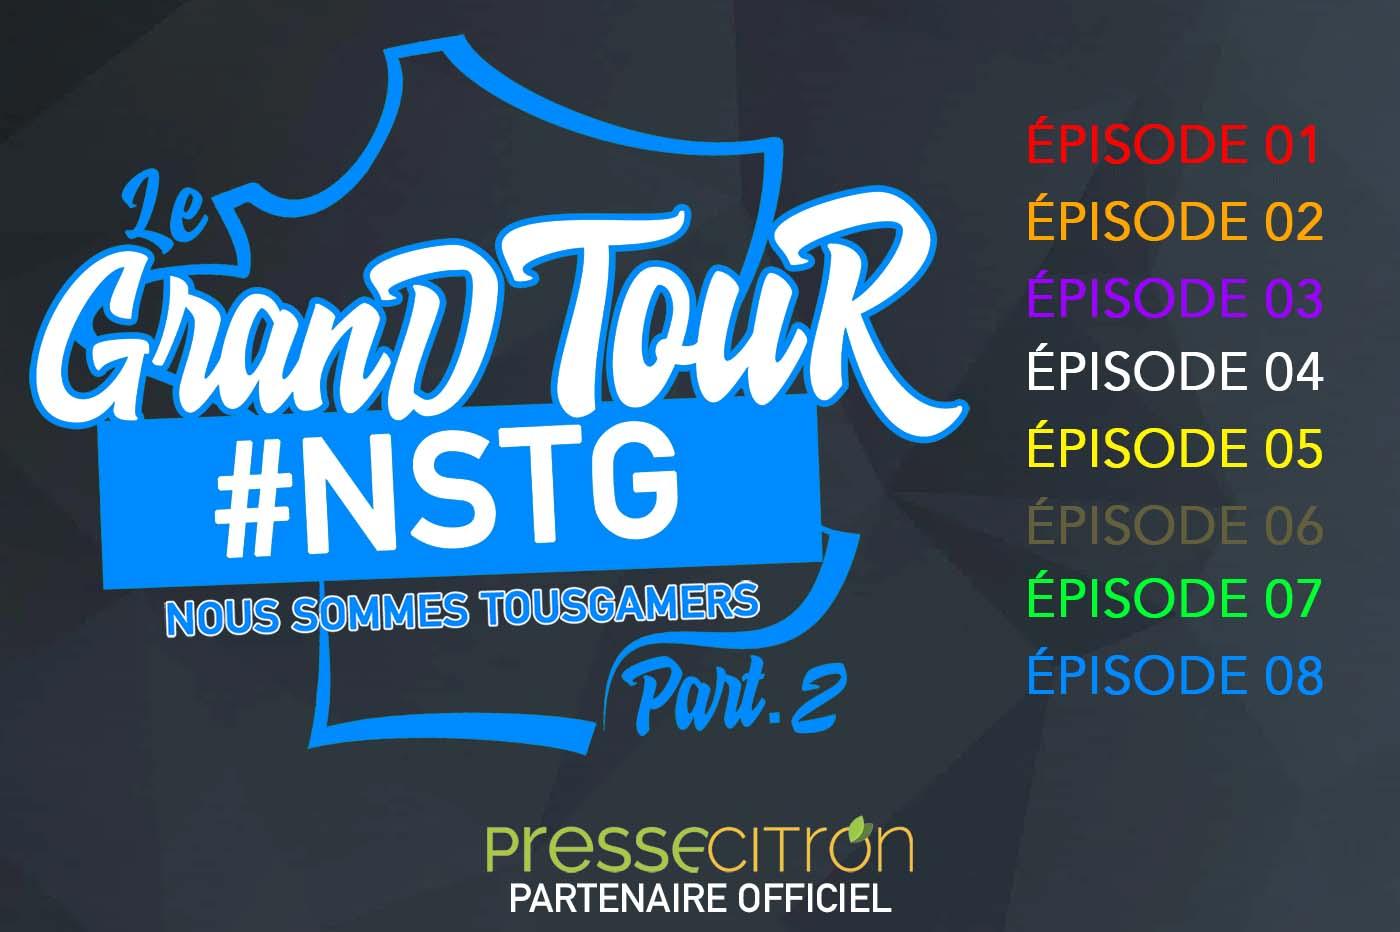 Lancement Grand Tour #NSTG Nous Sommes #TousGamers